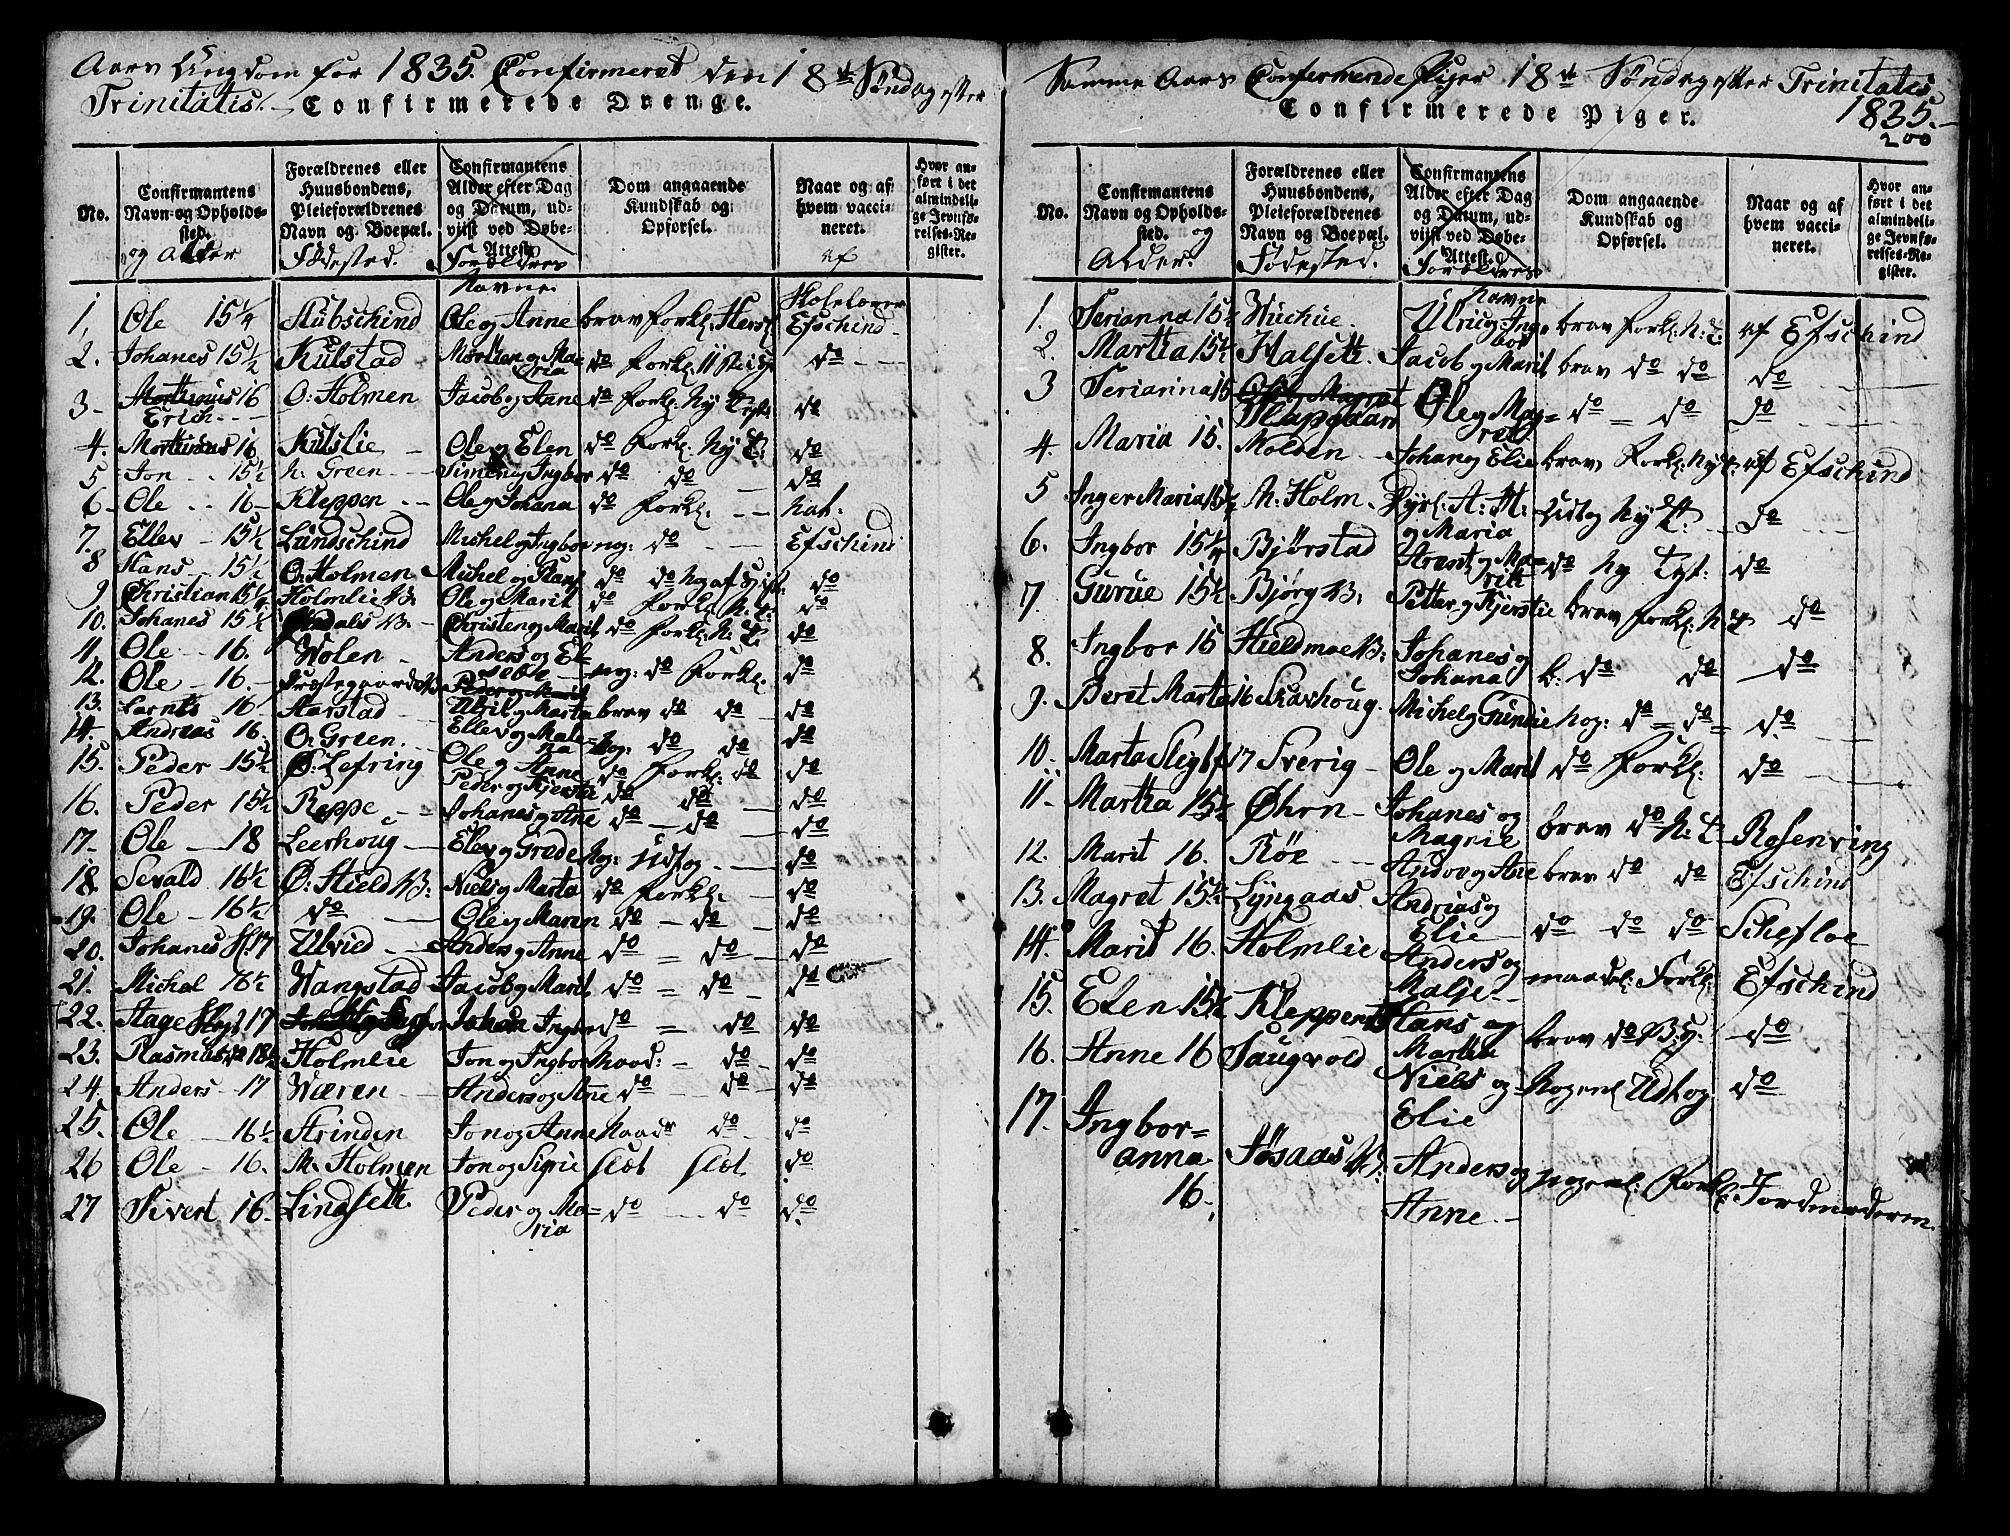 SAT, Ministerialprotokoller, klokkerbøker og fødselsregistre - Nord-Trøndelag, 724/L0265: Klokkerbok nr. 724C01, 1816-1845, s. 200